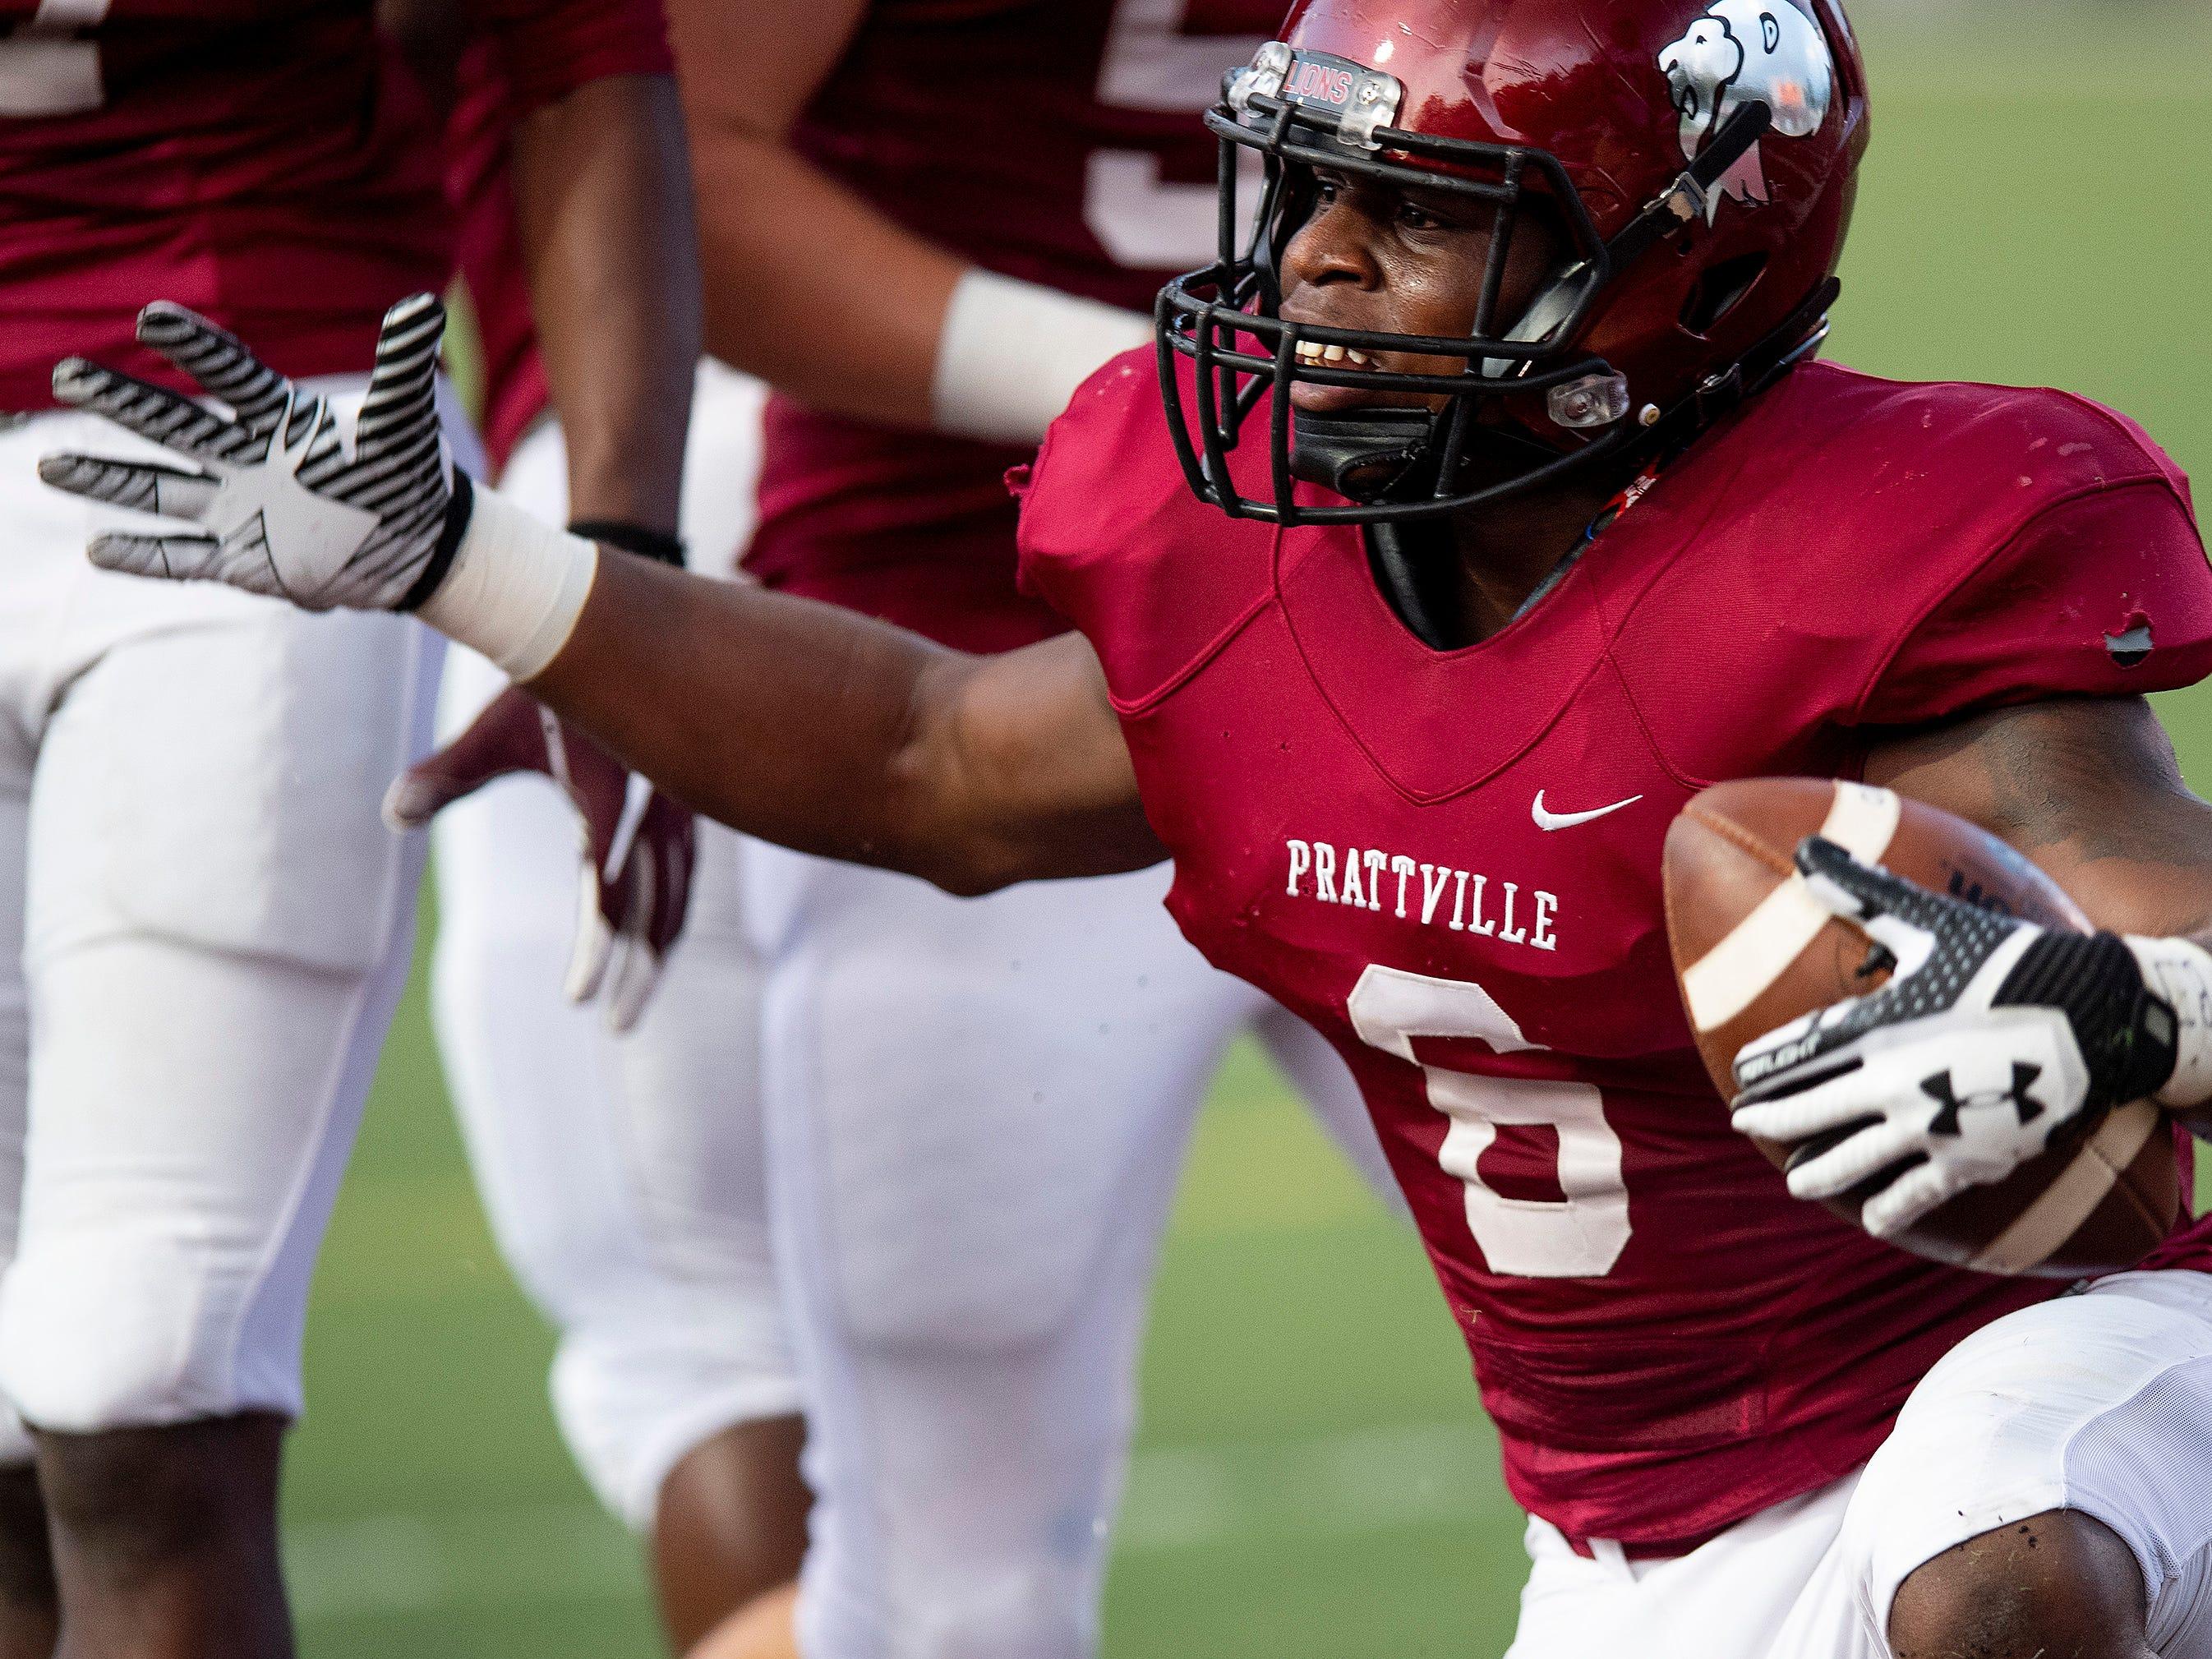 Prattville's Jaden Kidd (6) celebrates a touchdown against Foley at Stanley-Jensen Stadium in Prattville, Ala., on Friday August 24, 2018.